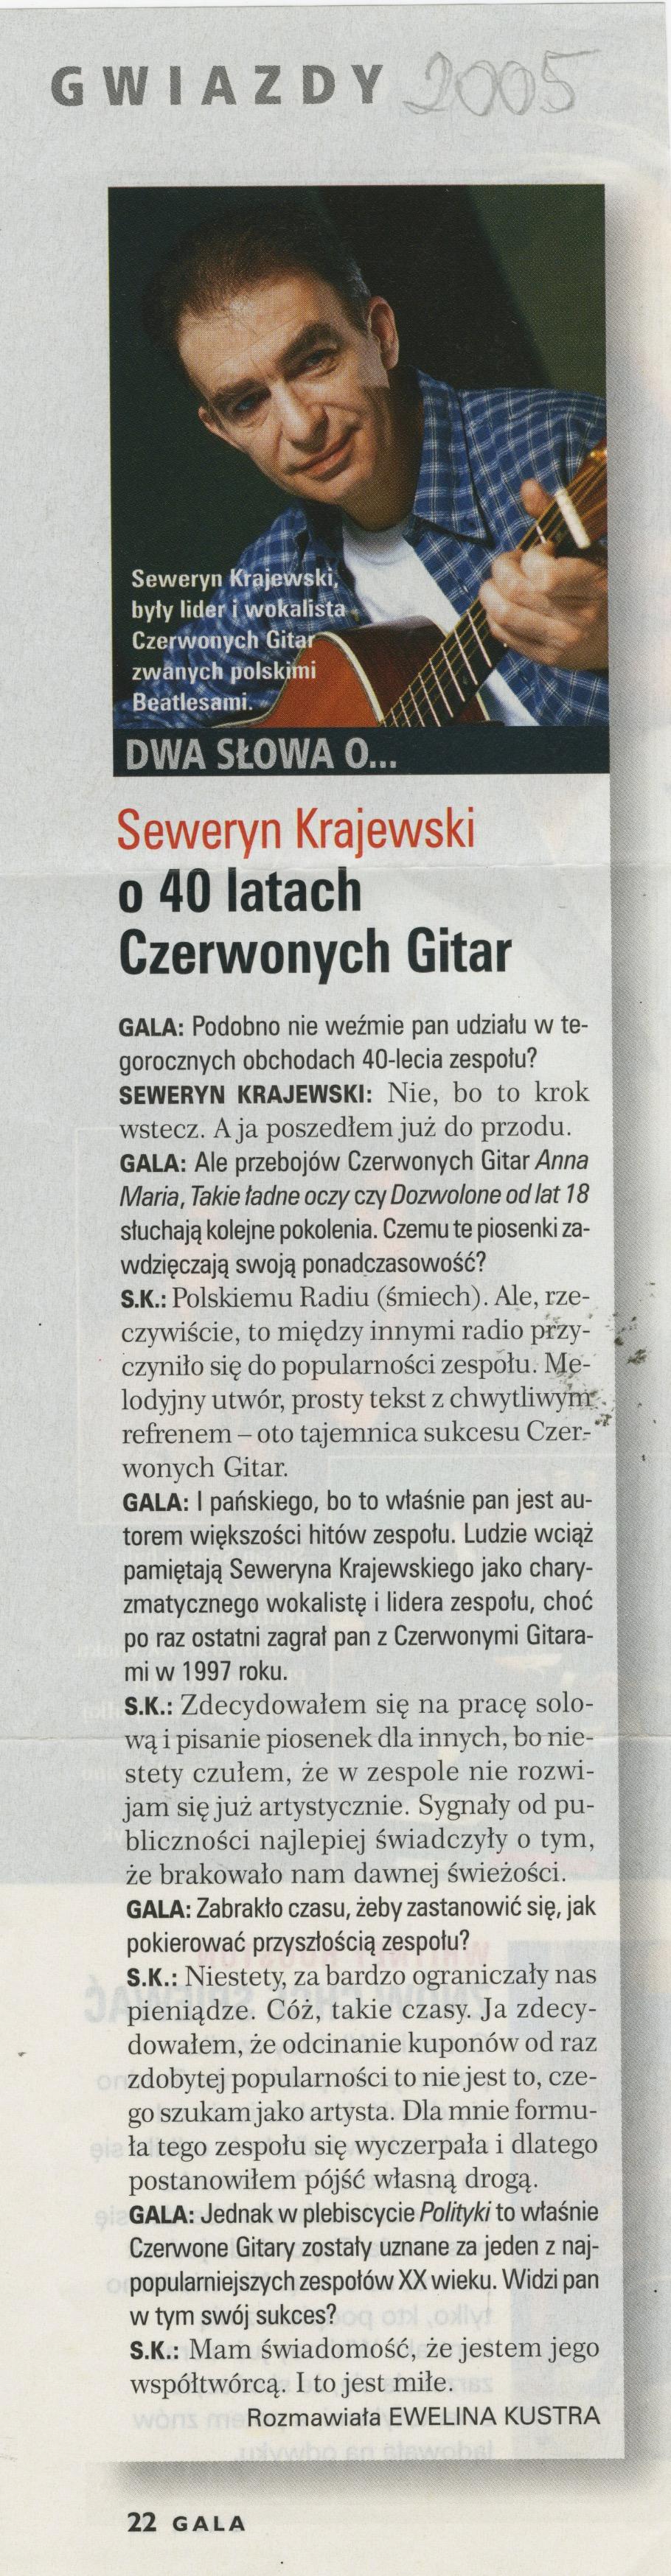 2004-2012-Gwiazdy_2005_40Lat_CzG